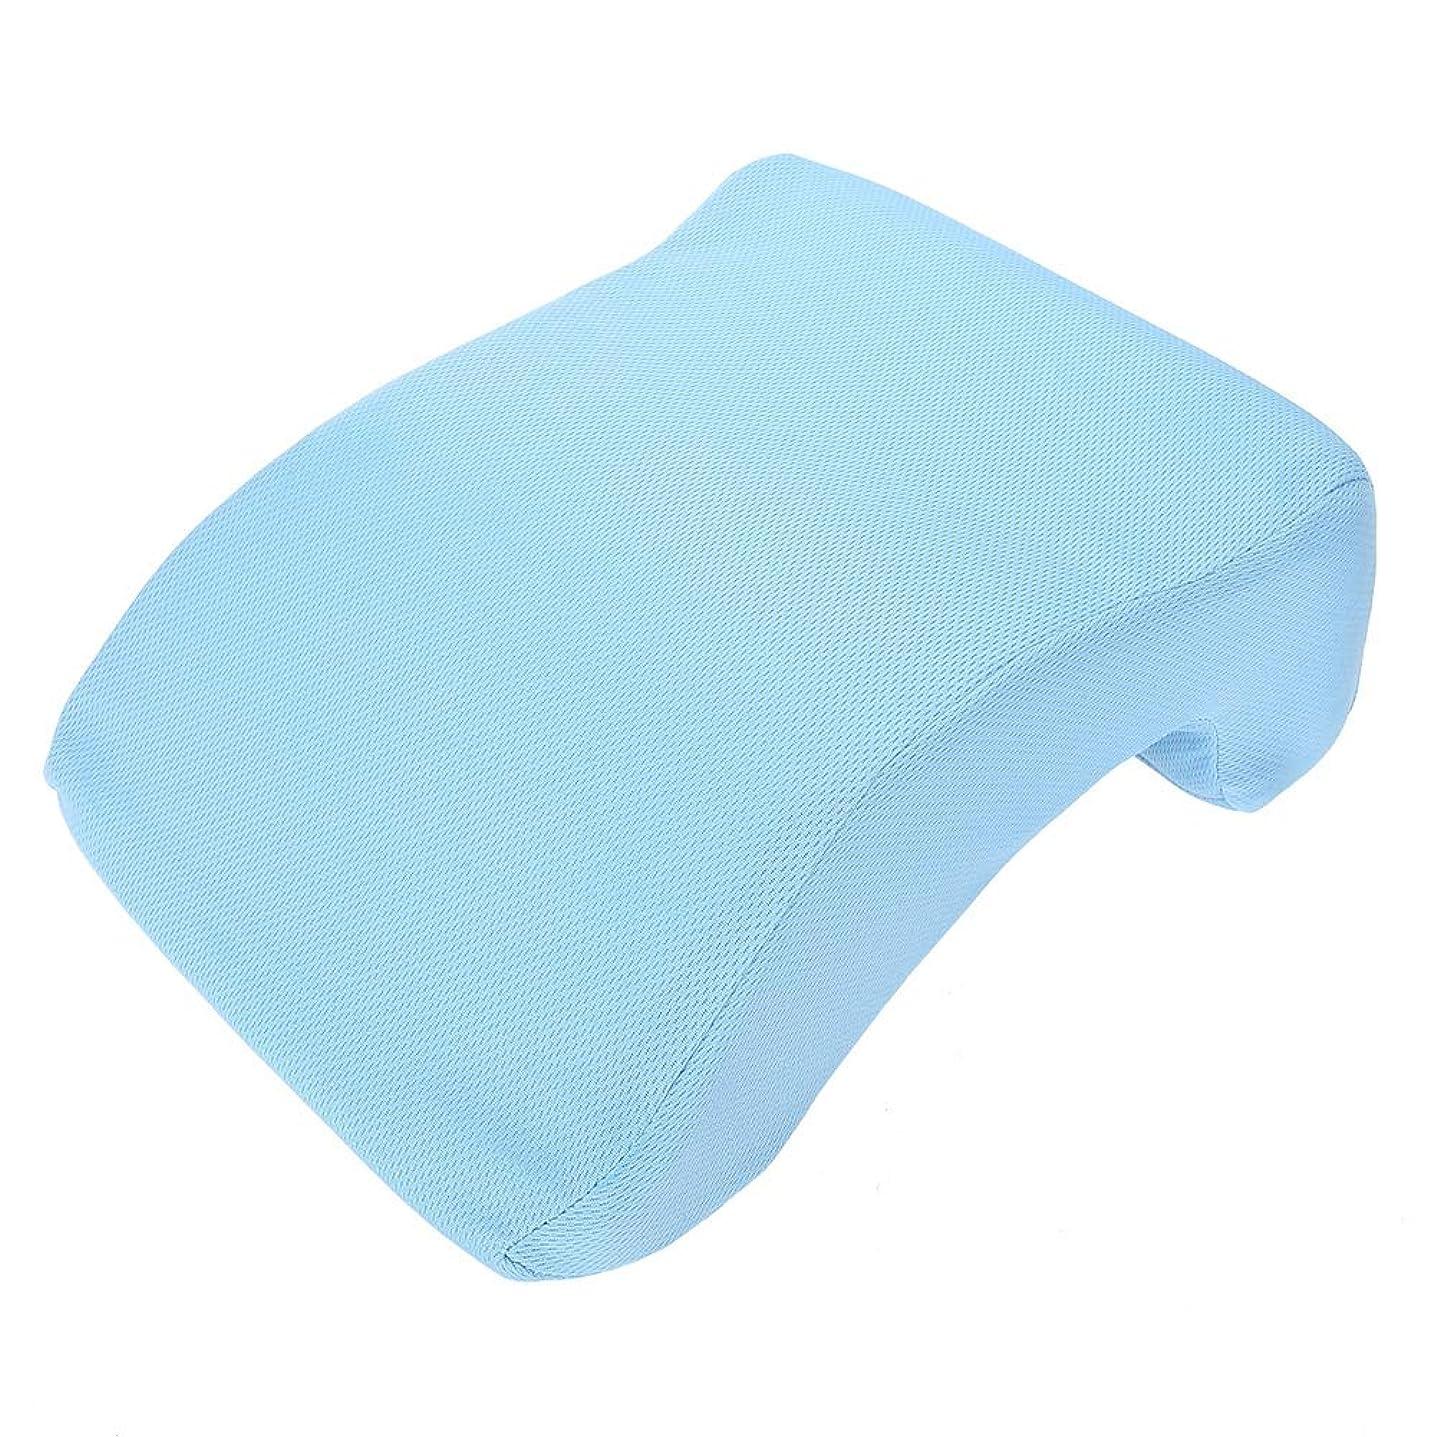 コンパスボルト鎮痛剤低反発まくら ピロー マッサージ枕 首?頭?肩をやさしく支える 安眠枕 快眠グッズ 柔らかい 洗えるやすい